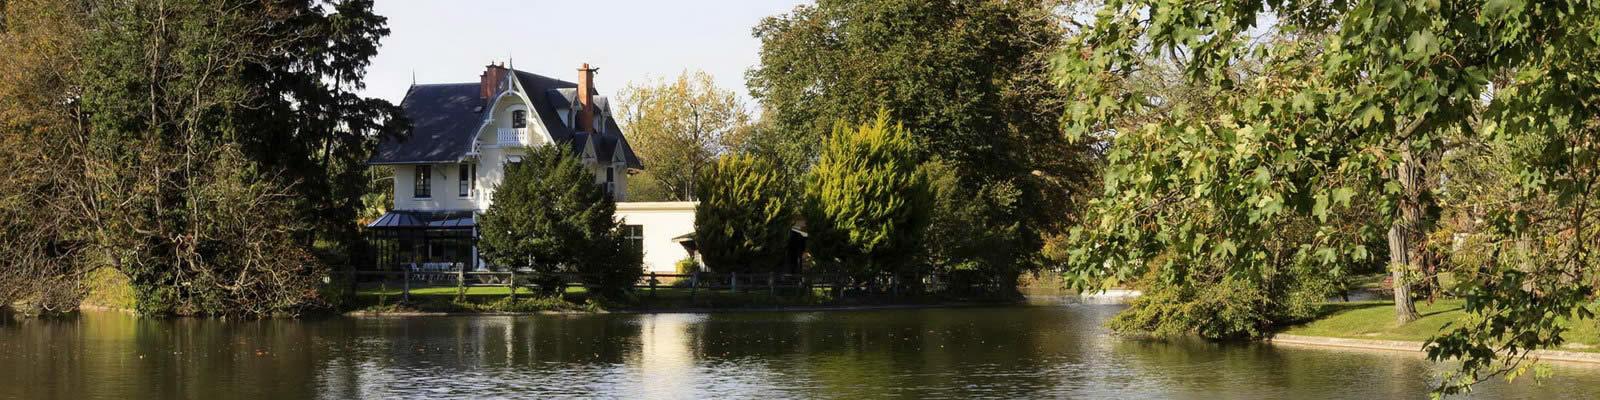 BARNES Yvelines Nord Saint-Germain